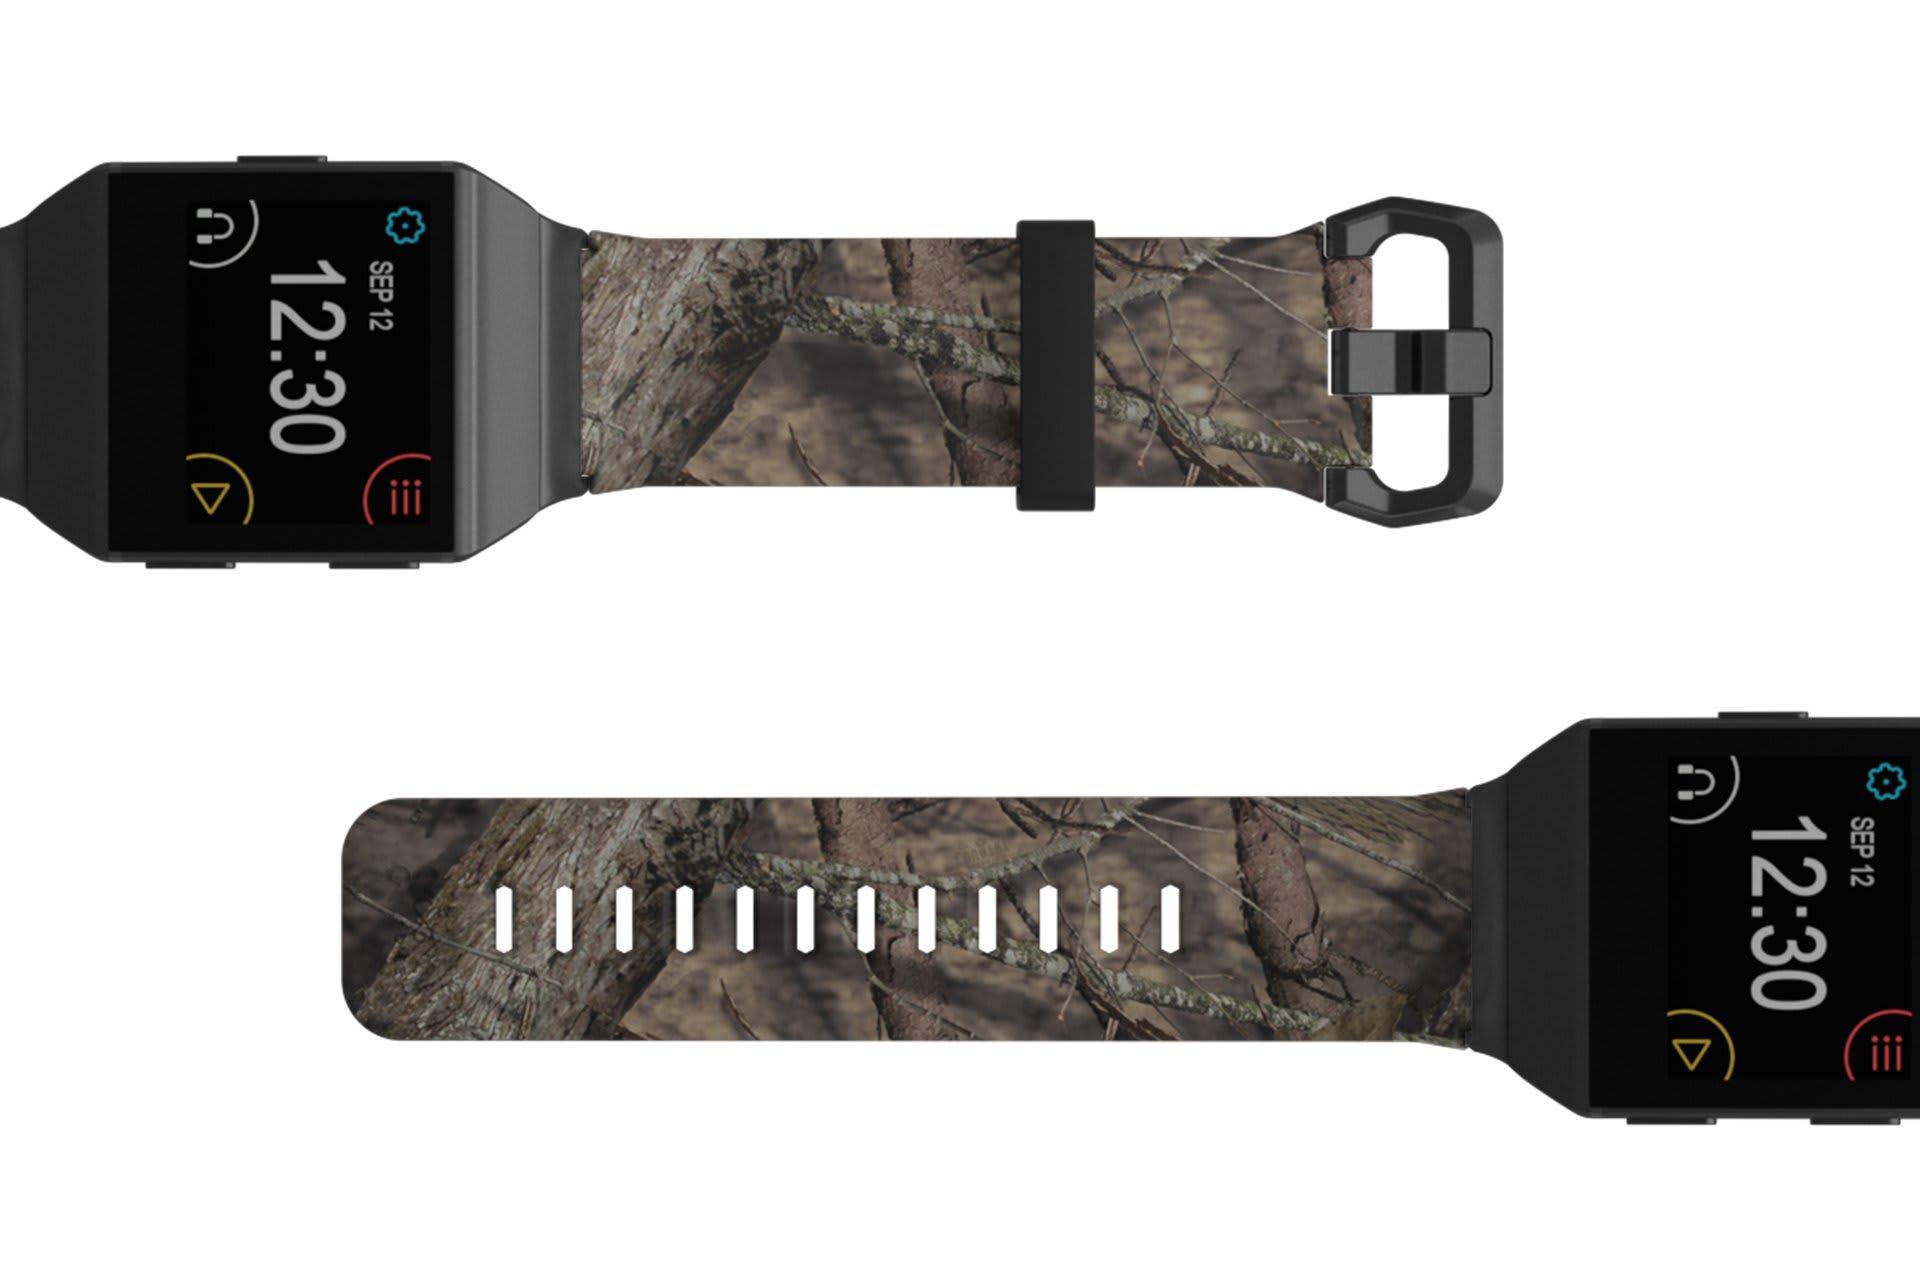 Mossy Oak Breakup Fitbit Ionic watch band viewed top down